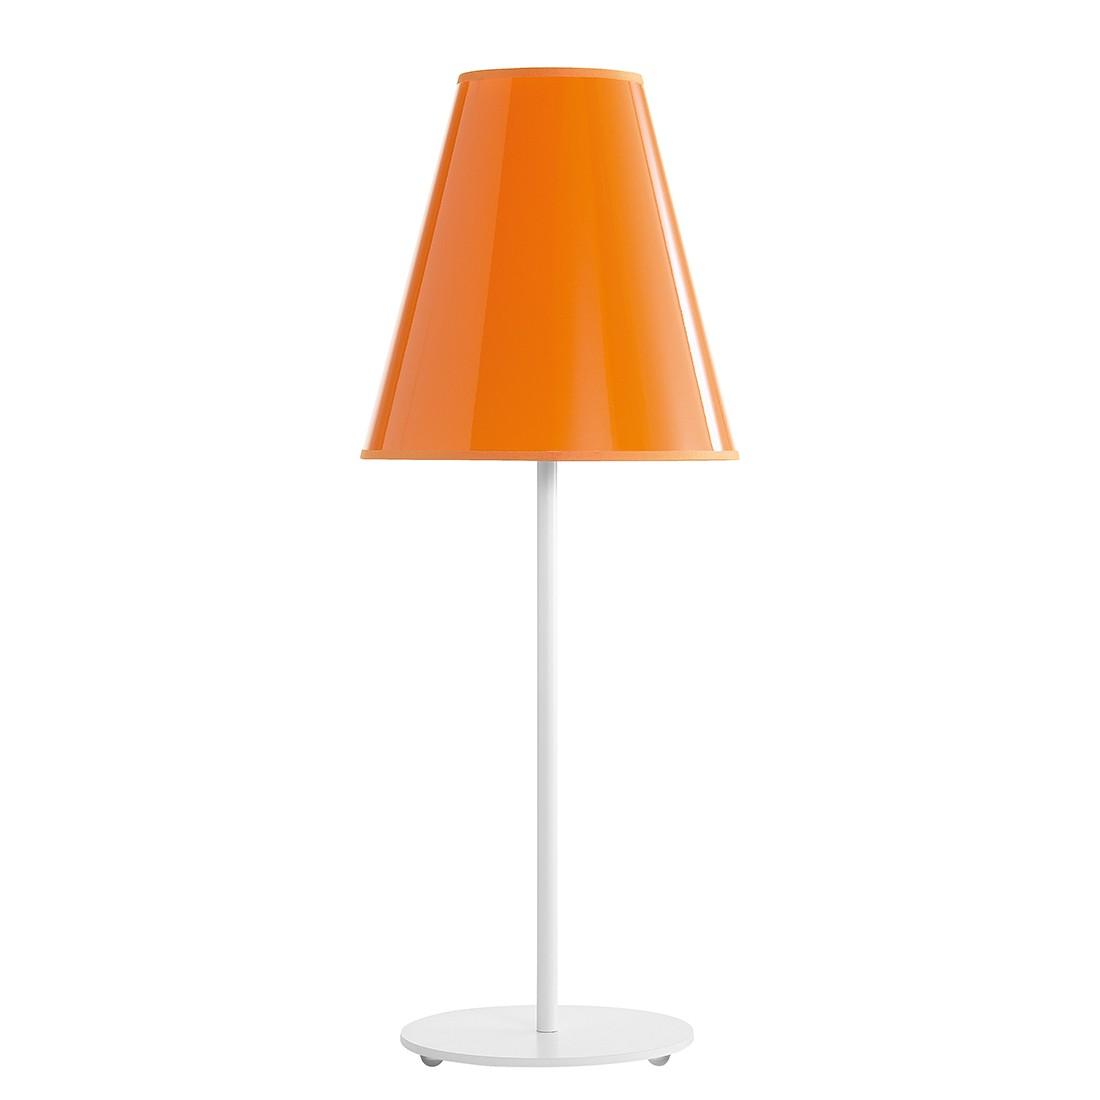 Tischleuchte Cosy ● Metall / Kunststoff ● Weiß / Orange ● 1-flammig- Blanke Design C